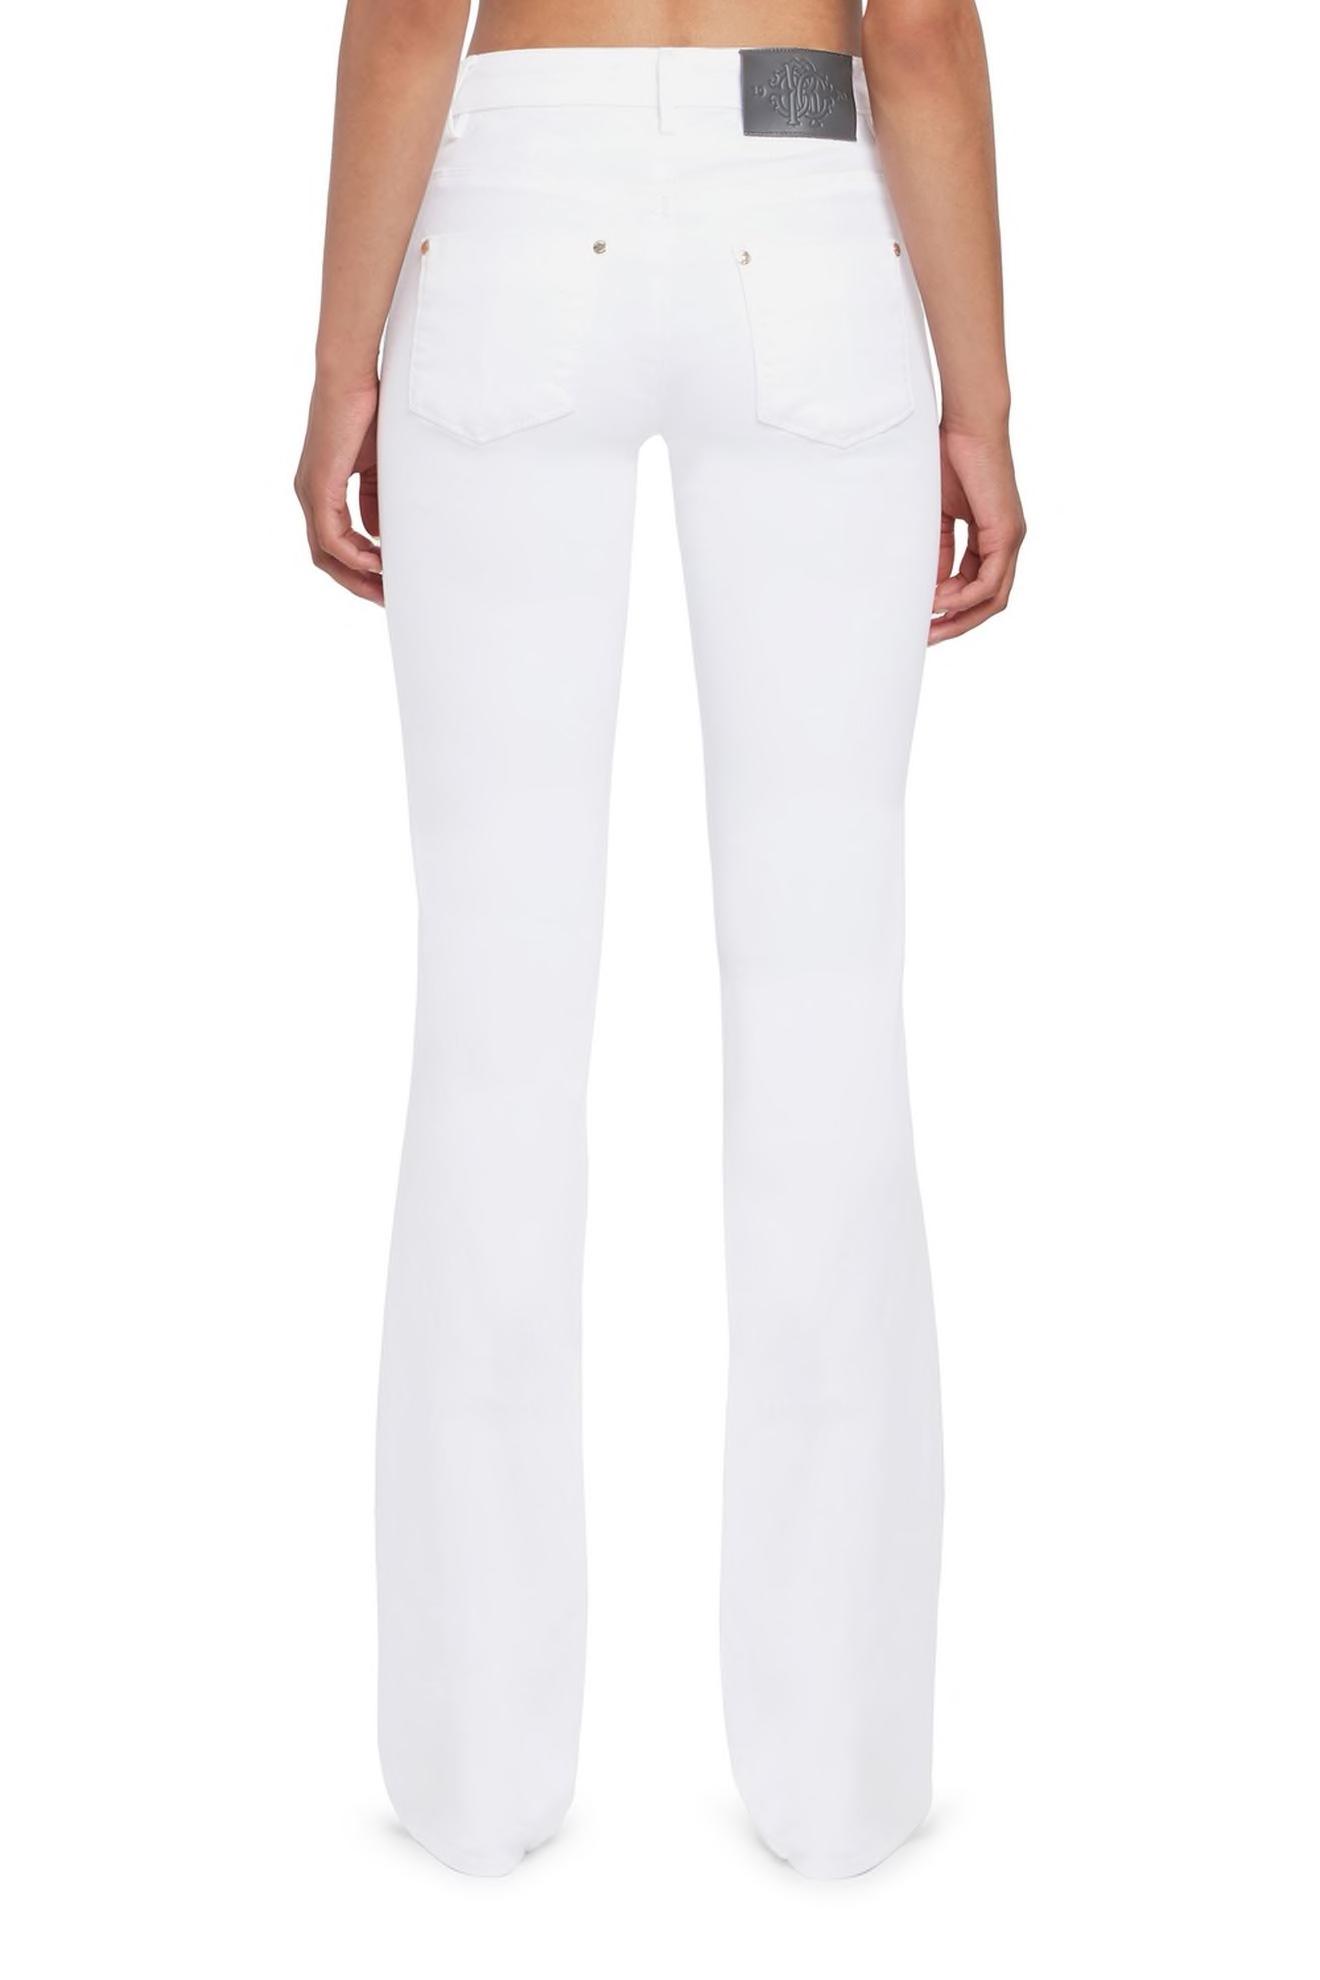 roberto-cavalli-white-flared-jeans_13150666_15611954_1320 kopiera